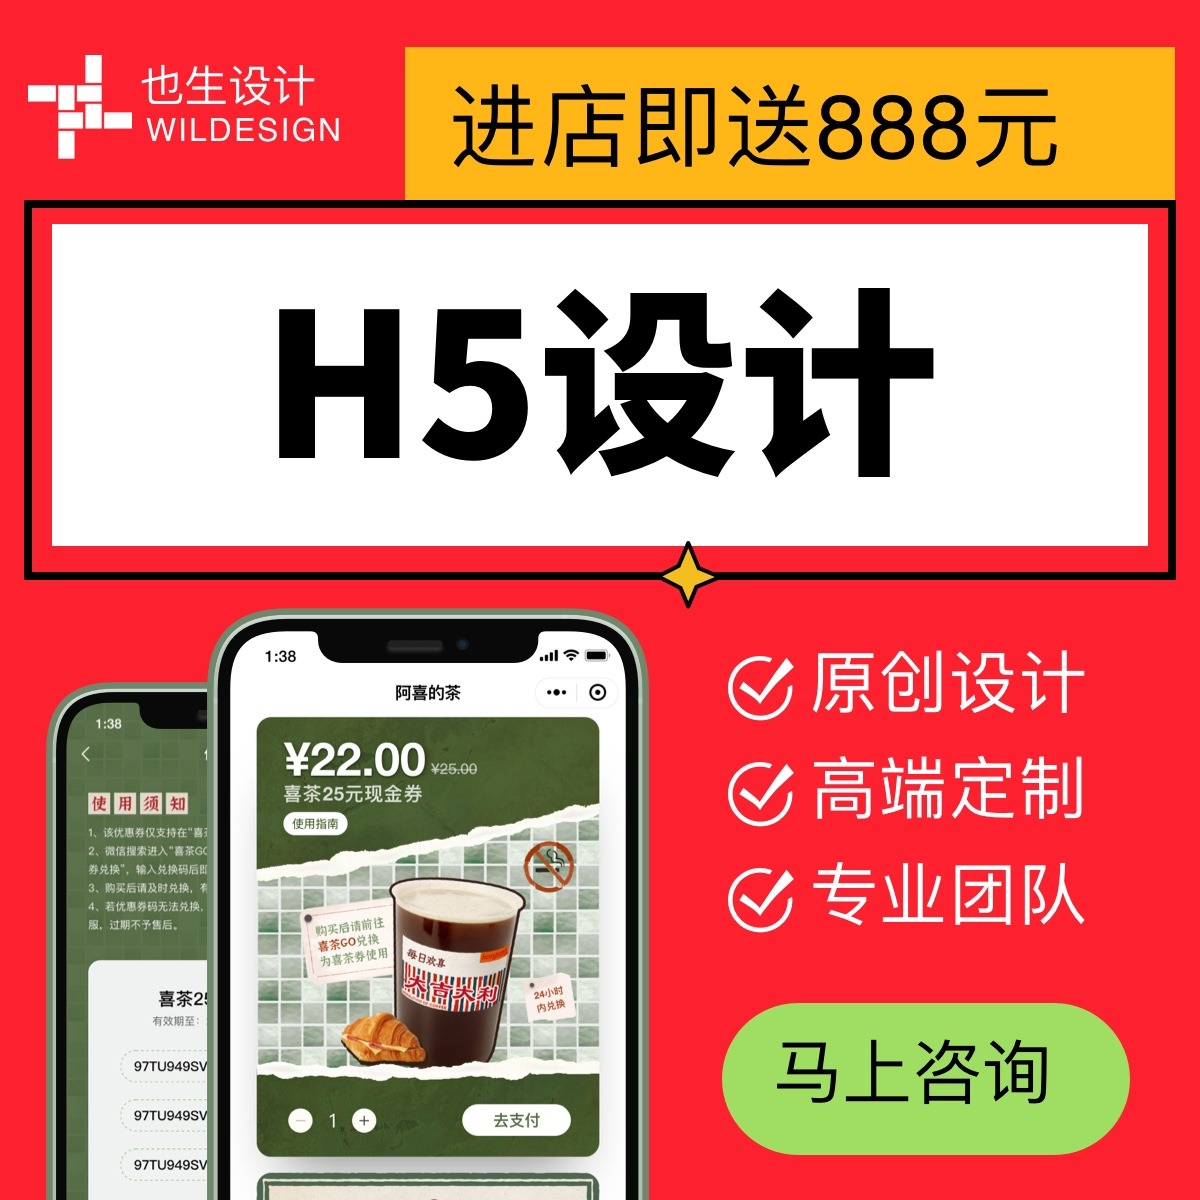 【H5设计】高端定制/普通H5模版/图标设计/字体设计